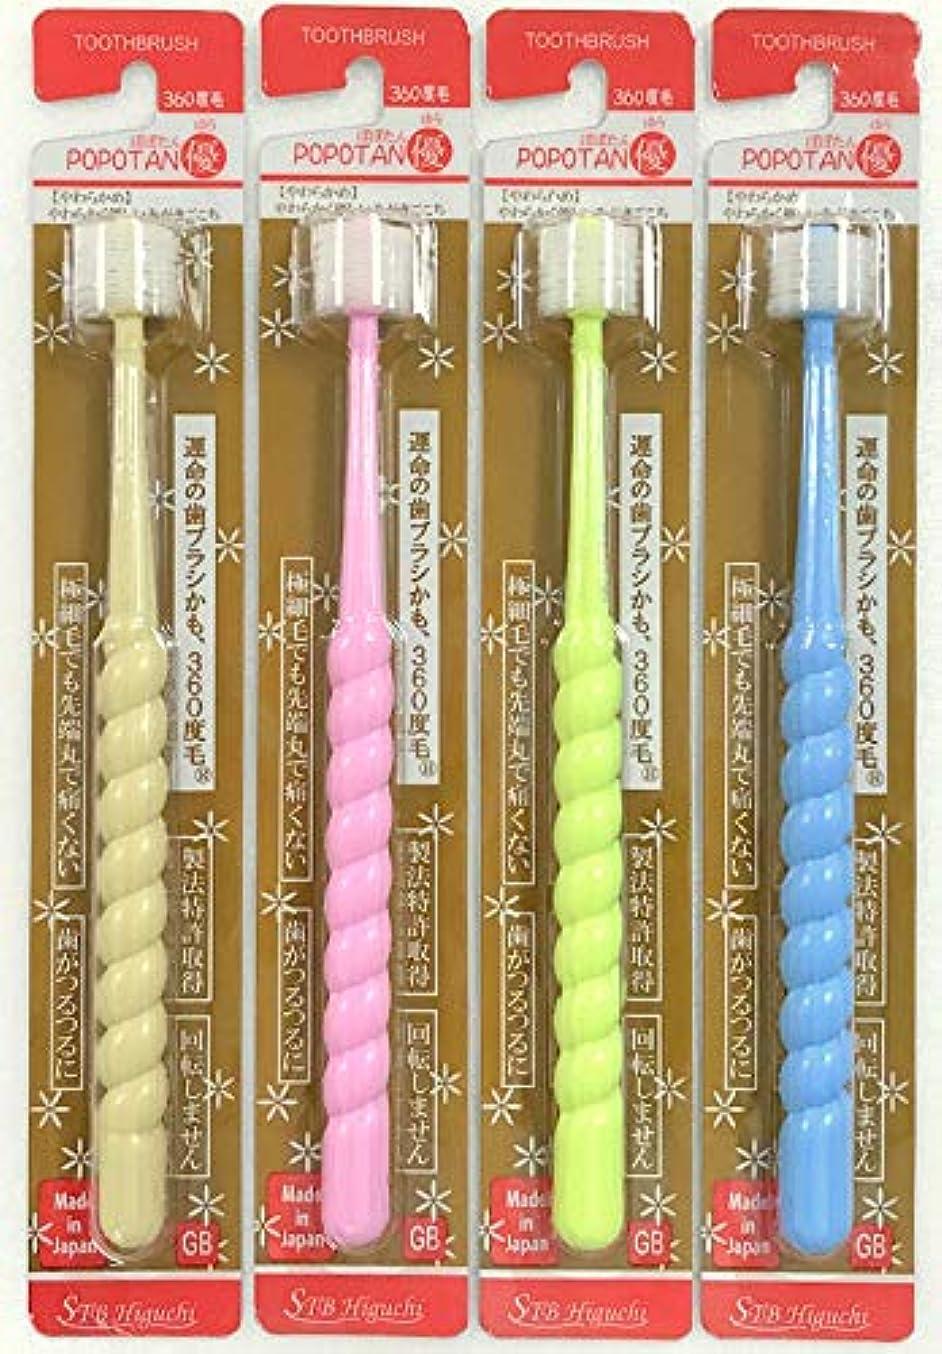 ハイキングミュウミュウ無限360度歯ブラシ 360do度毛歯ブラシ POPOTAN ぽぽたん 優(カラーは1色おまかせ)